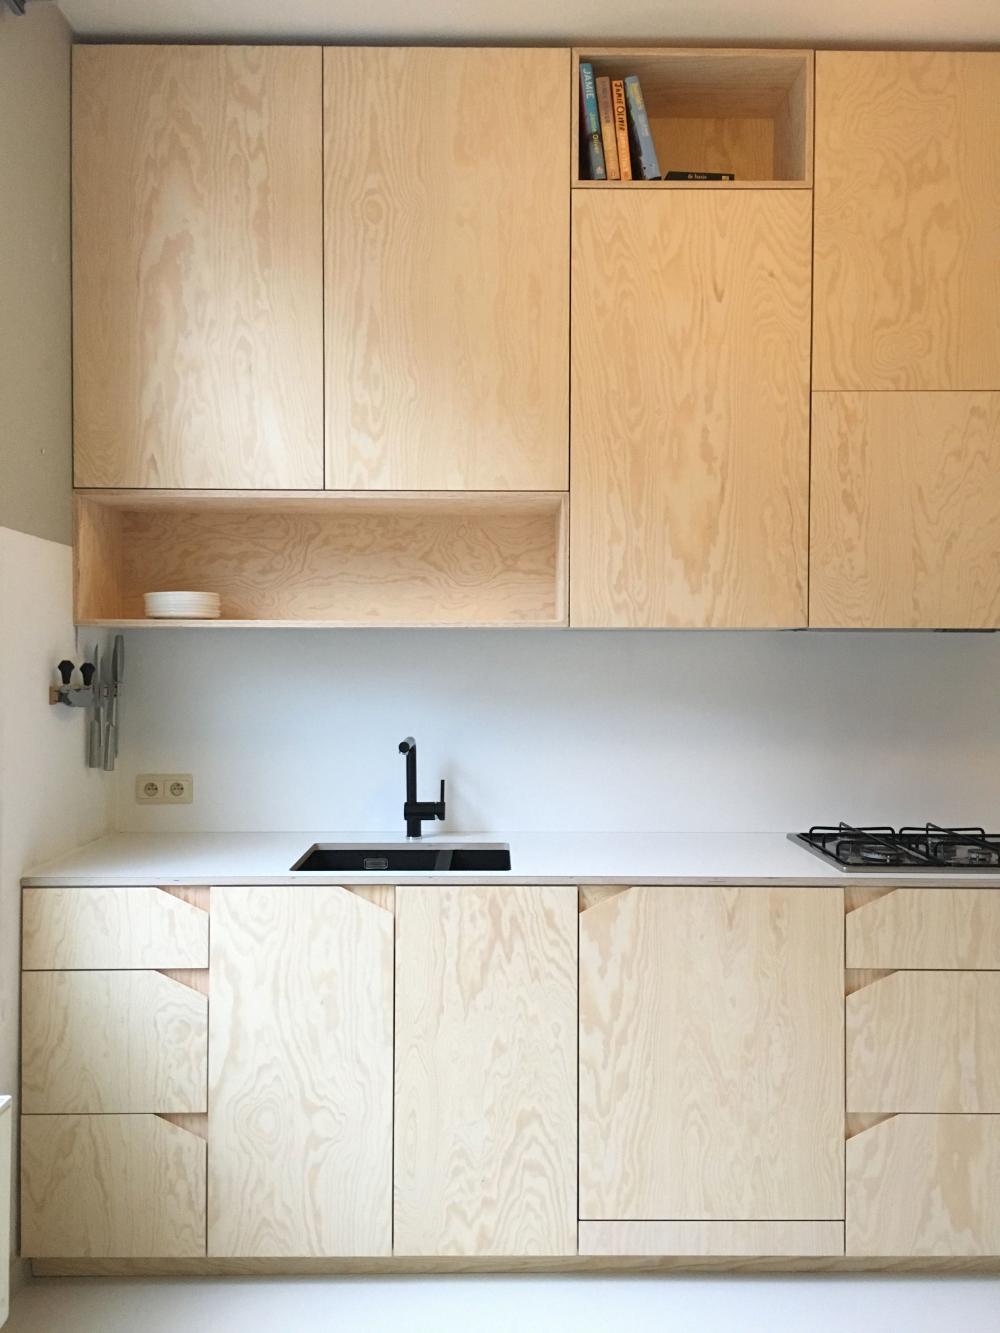 Scandinavian Kitchenware Kitchen Remodel Design Plywood Kitchen Black Kitchen Taps